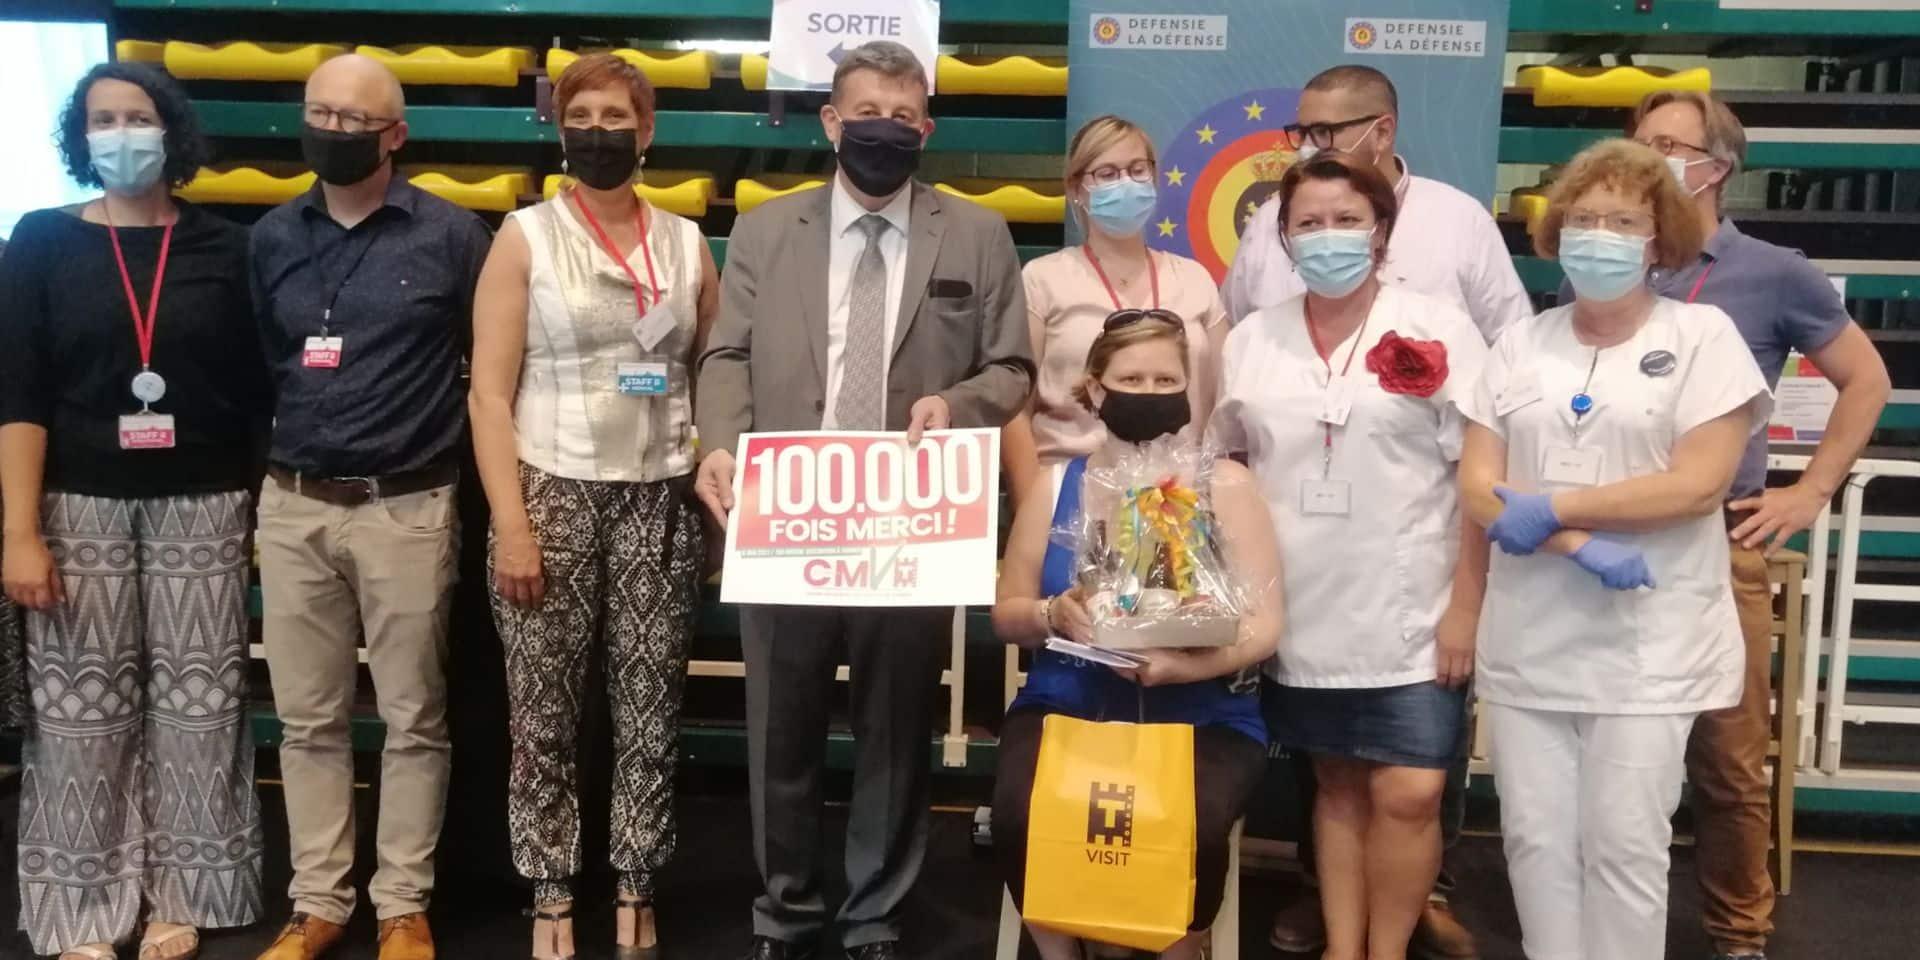 Le centre de vaccination de Tournai a administré la 100 000e injection !